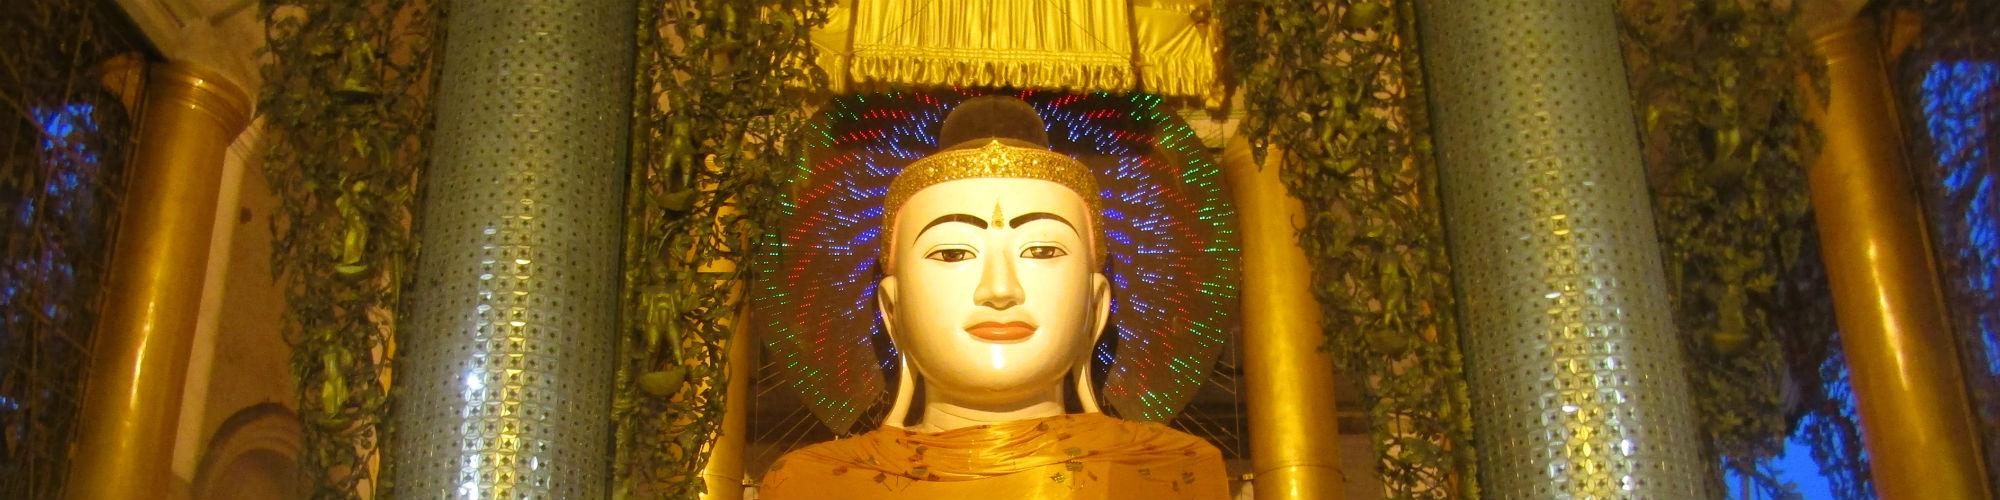 Buddha Image at Shwedagon Pagoda, Yangon